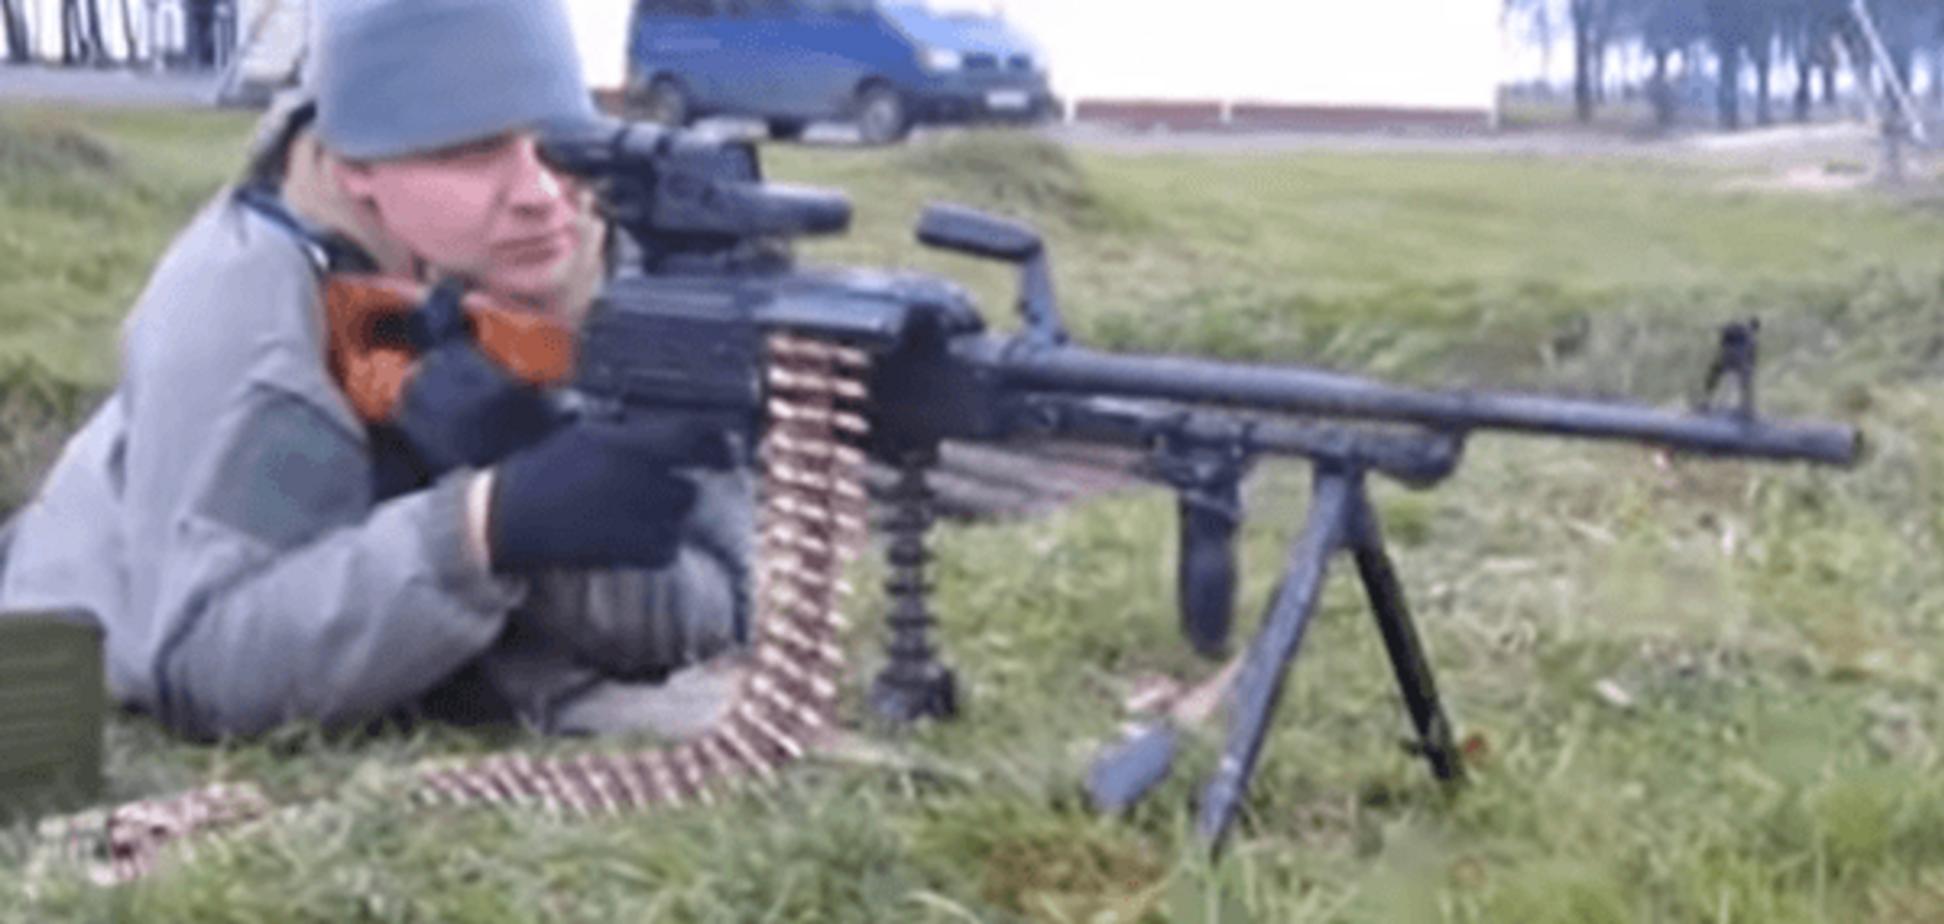 ЗСУ, зброя, армія